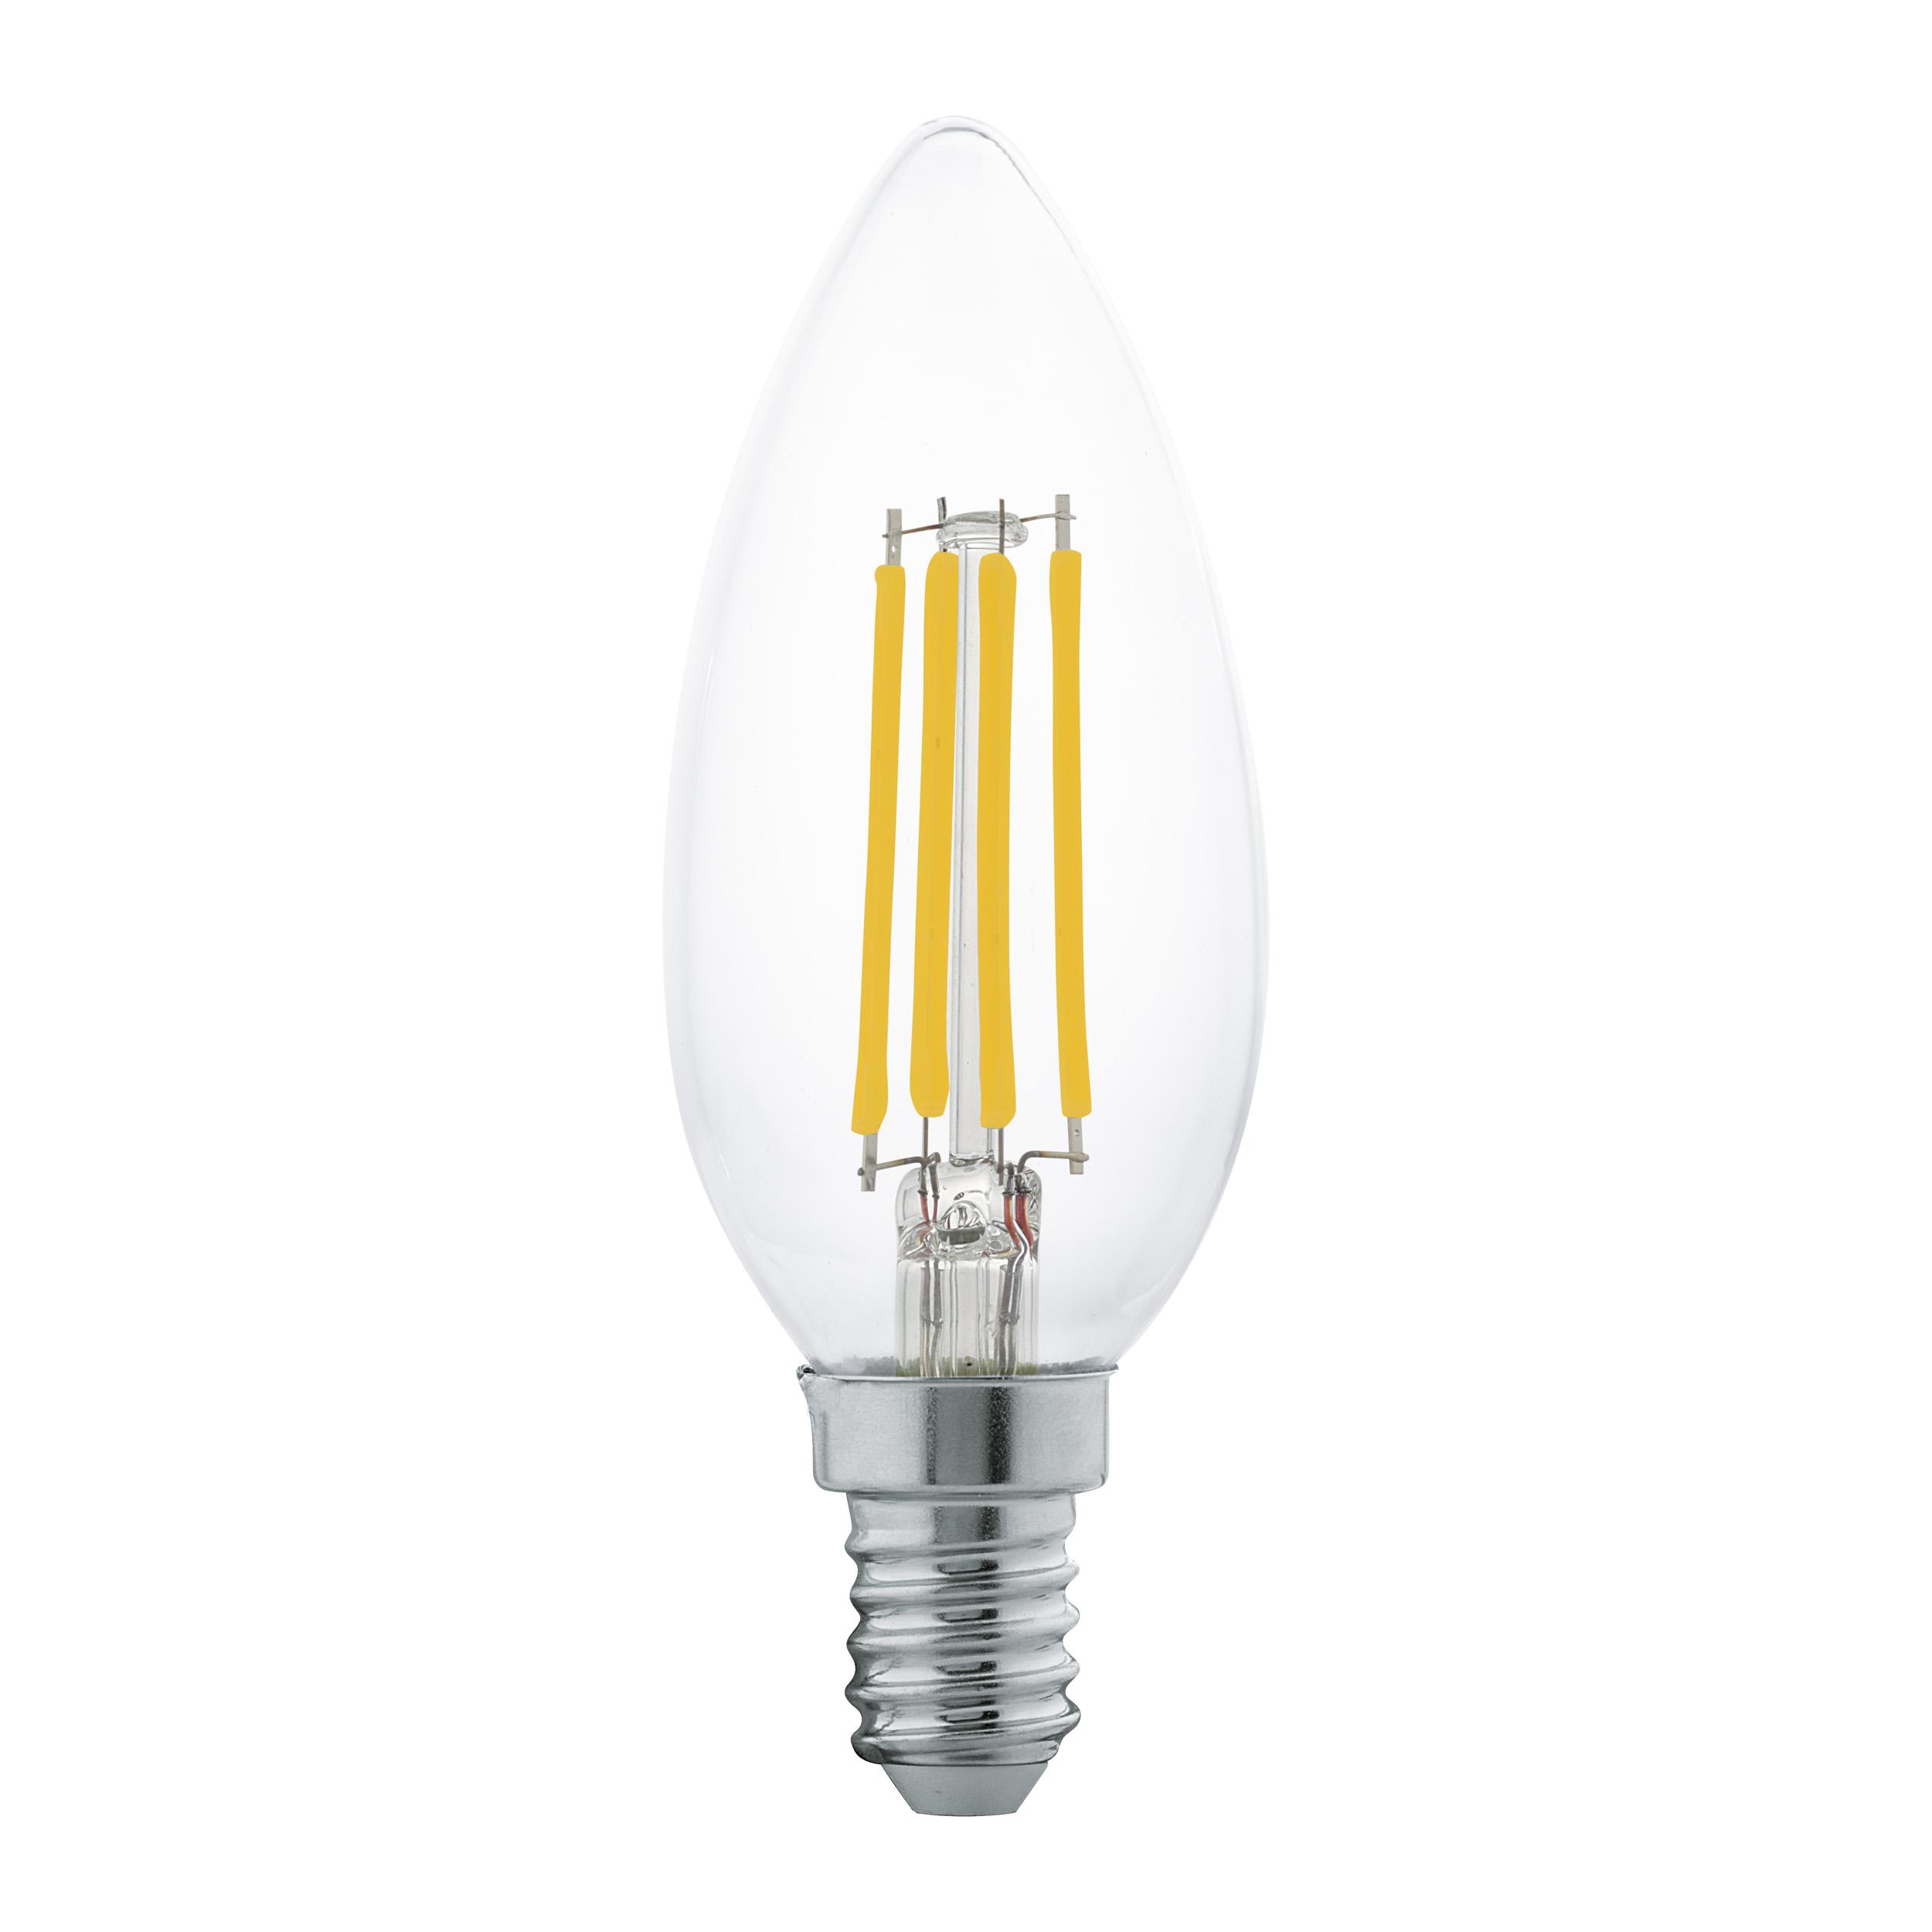 1 Stk E14-LED-C35 4W / Kerze 2700  LI69214---